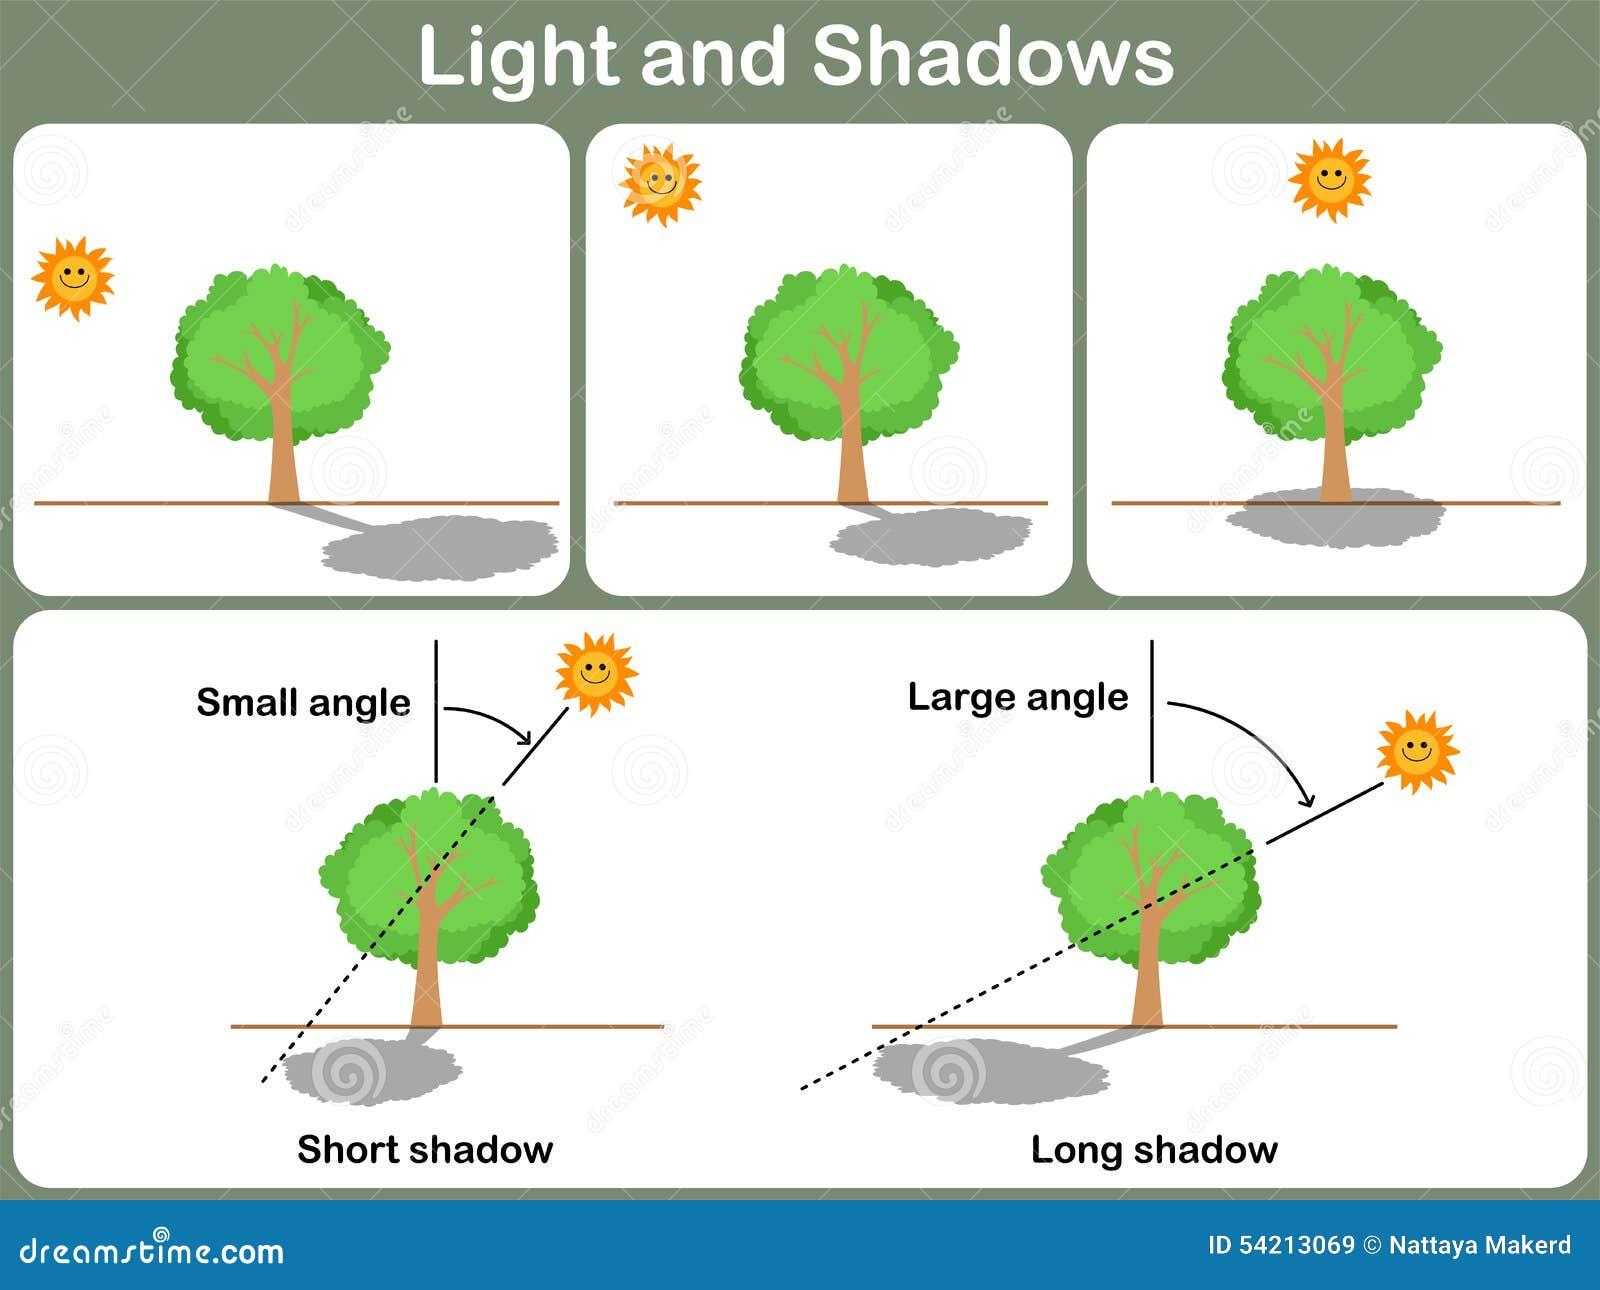 Lernen Licht Und Schatten Für Kinder - Arbeitsblatt Vektor Abbildung ...